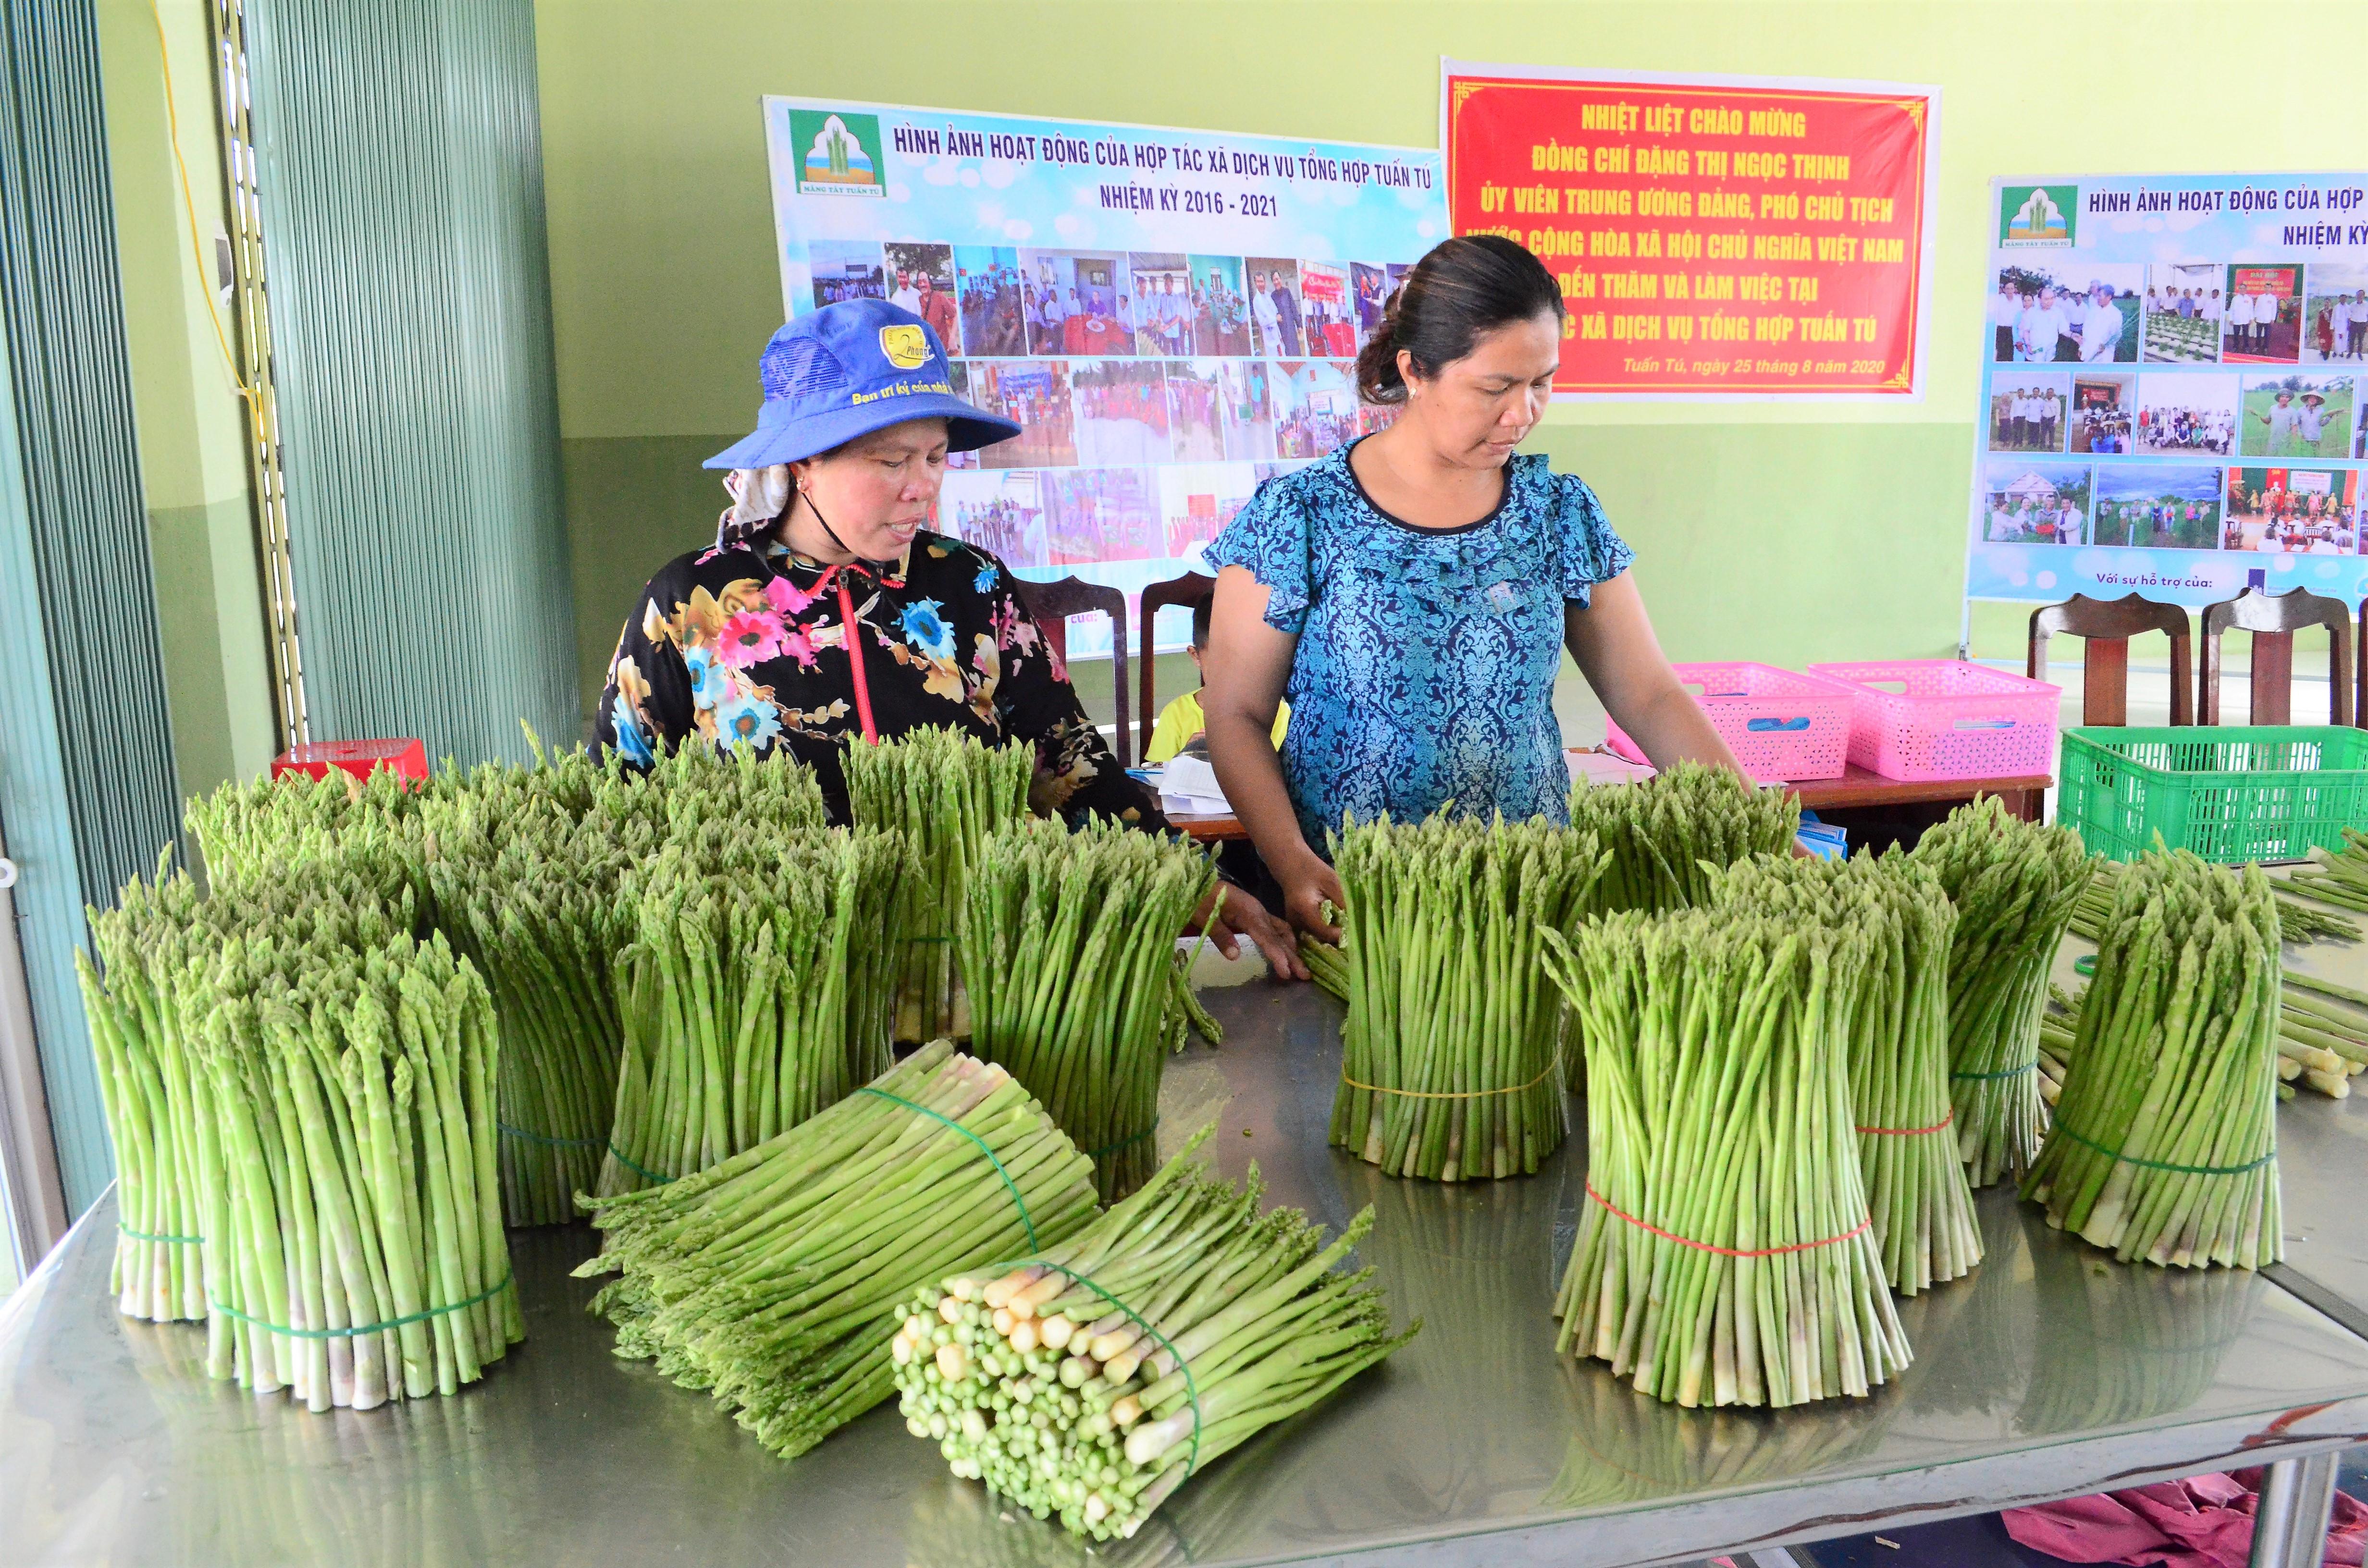 Thu mua măng tây xanh tại HTX dịch vụ tổng hợp Tuấn Tú.